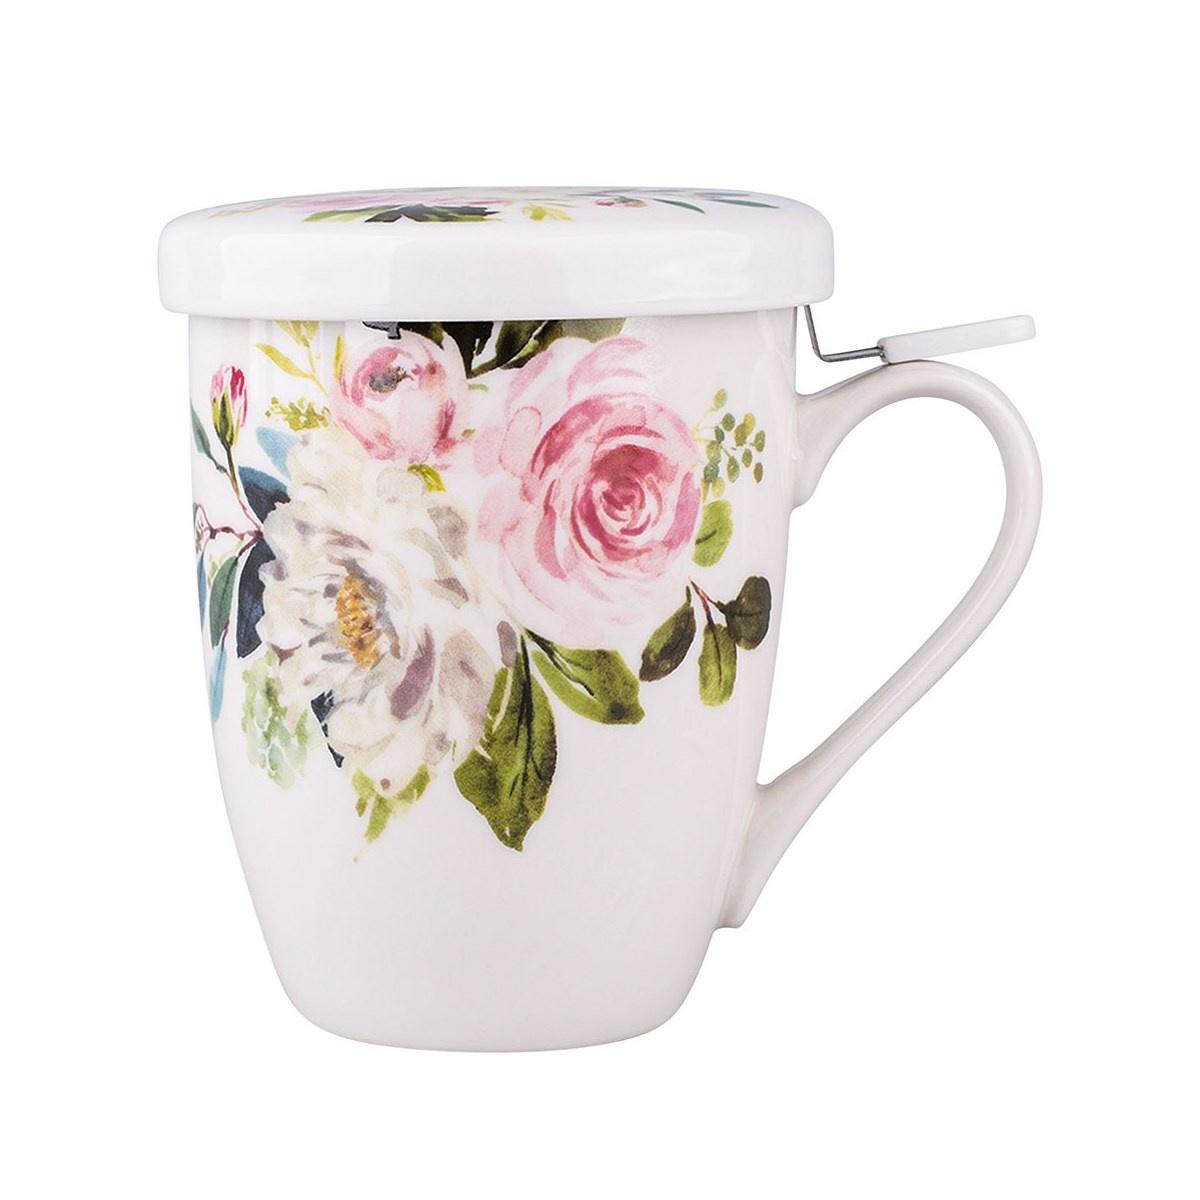 Altom Amelia porcelán bögre szűrővel 300 ml, fehér